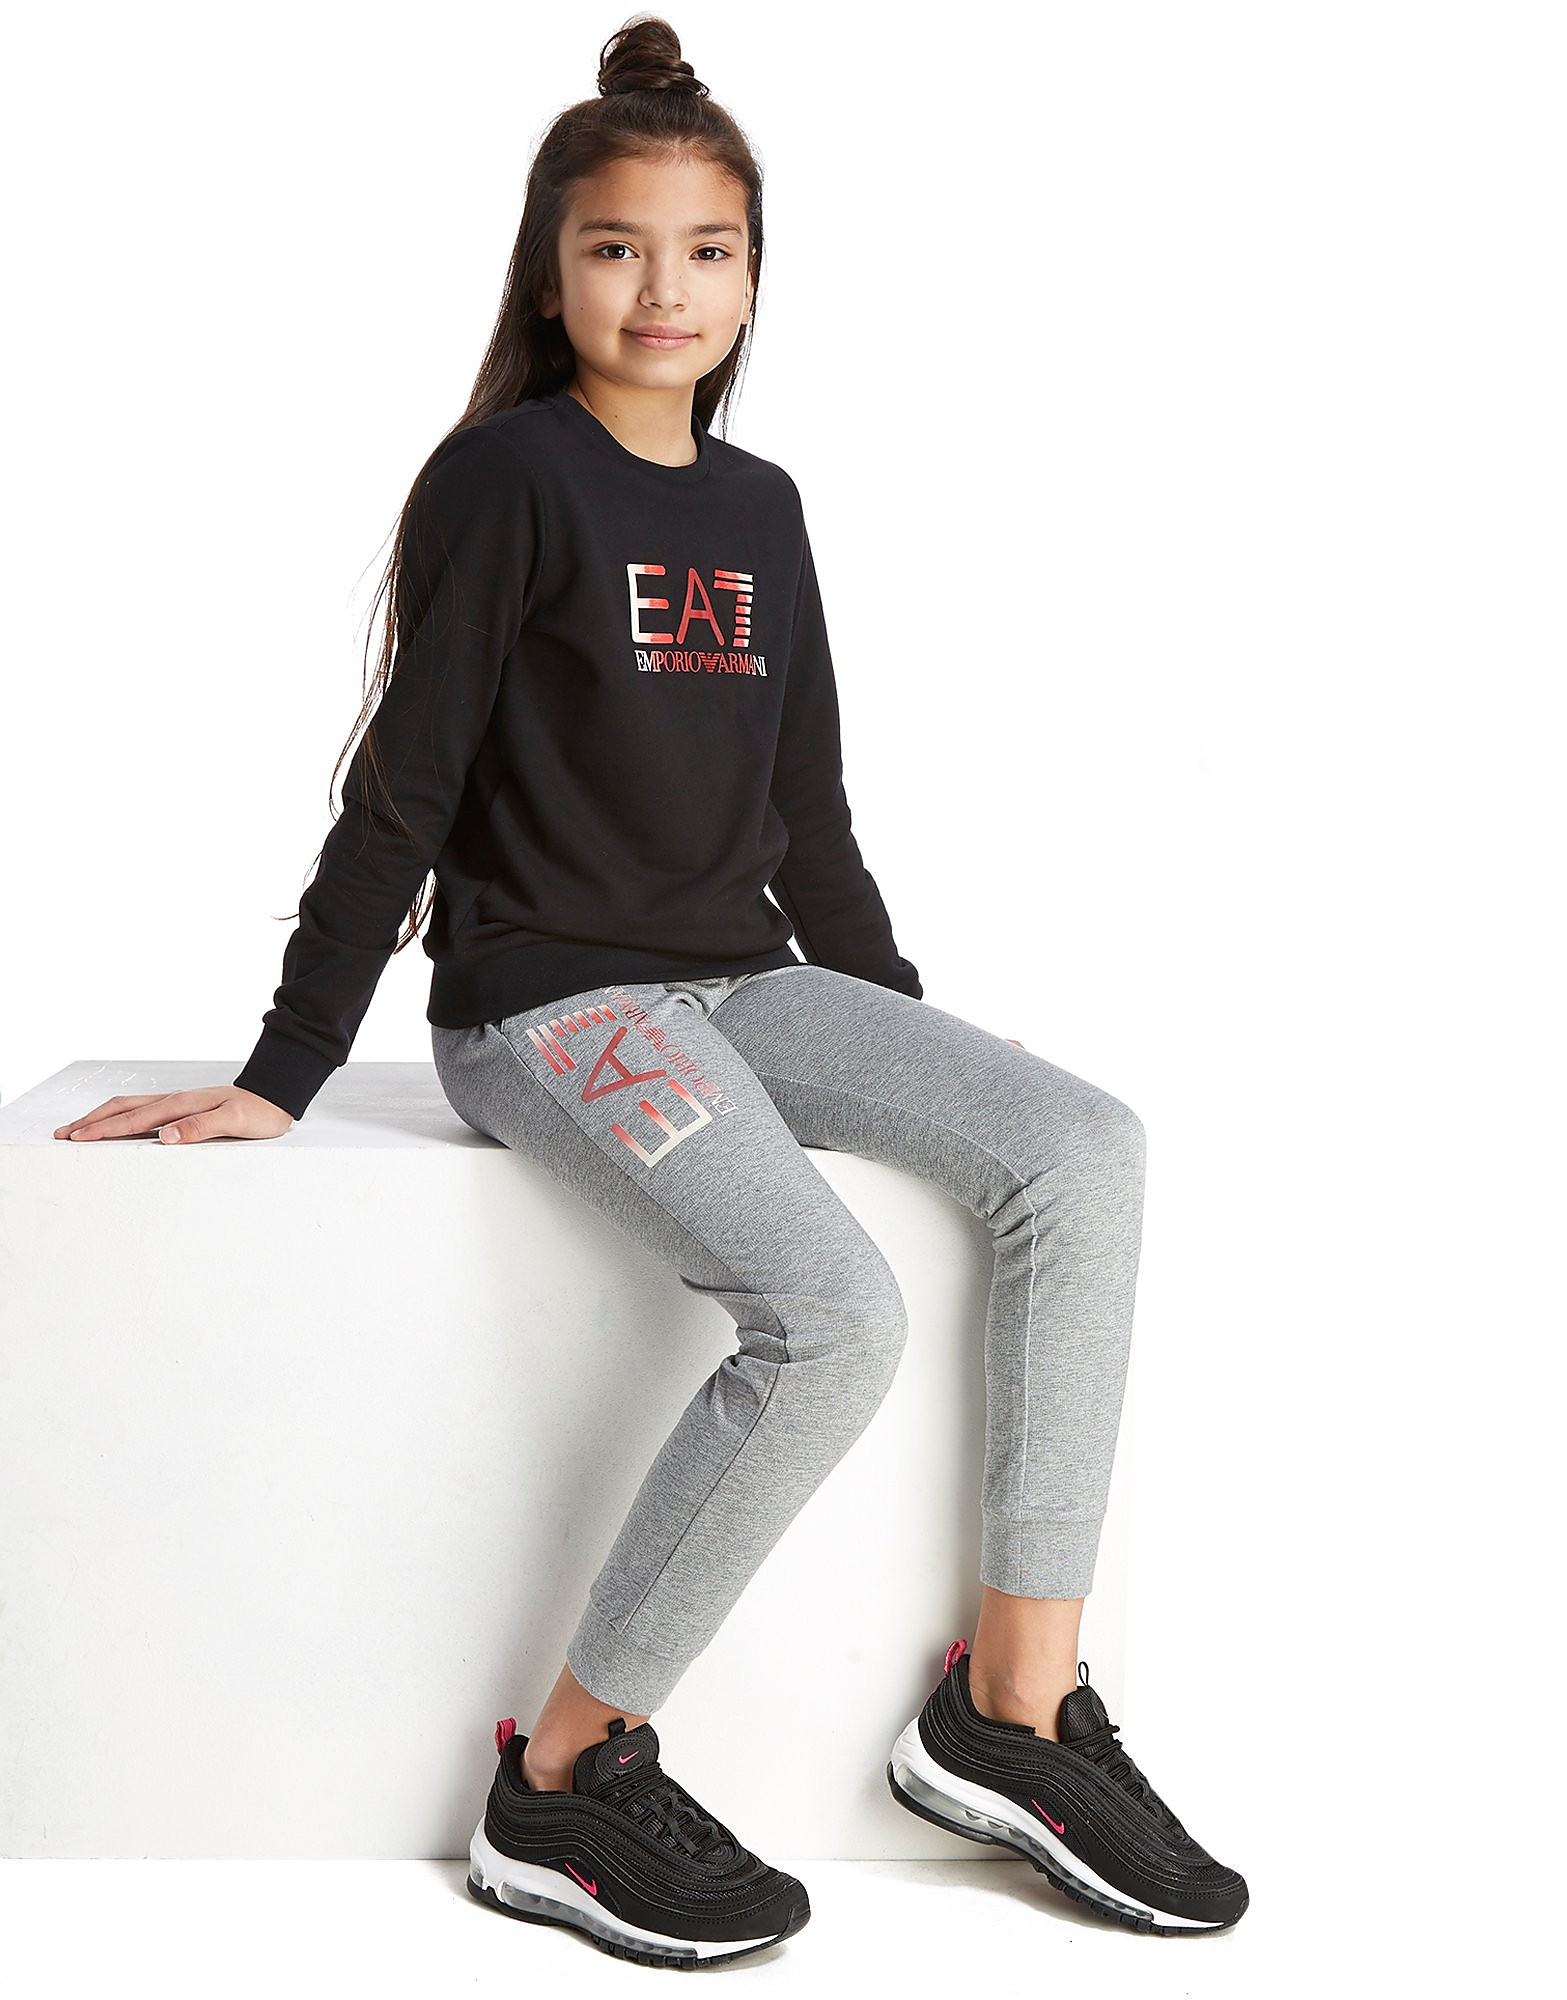 Emporio Armani EA7 Girls' Crew Tracksuit Junior